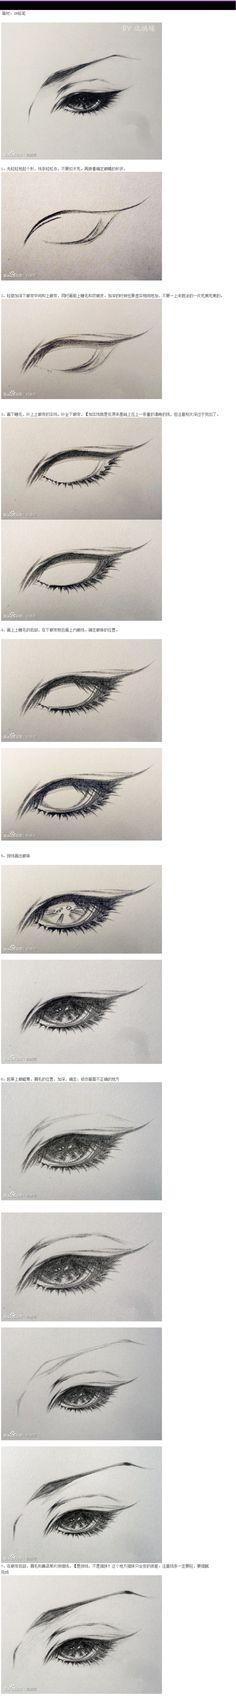 【教程】画眼睛的教程和一些关于线条的技法...